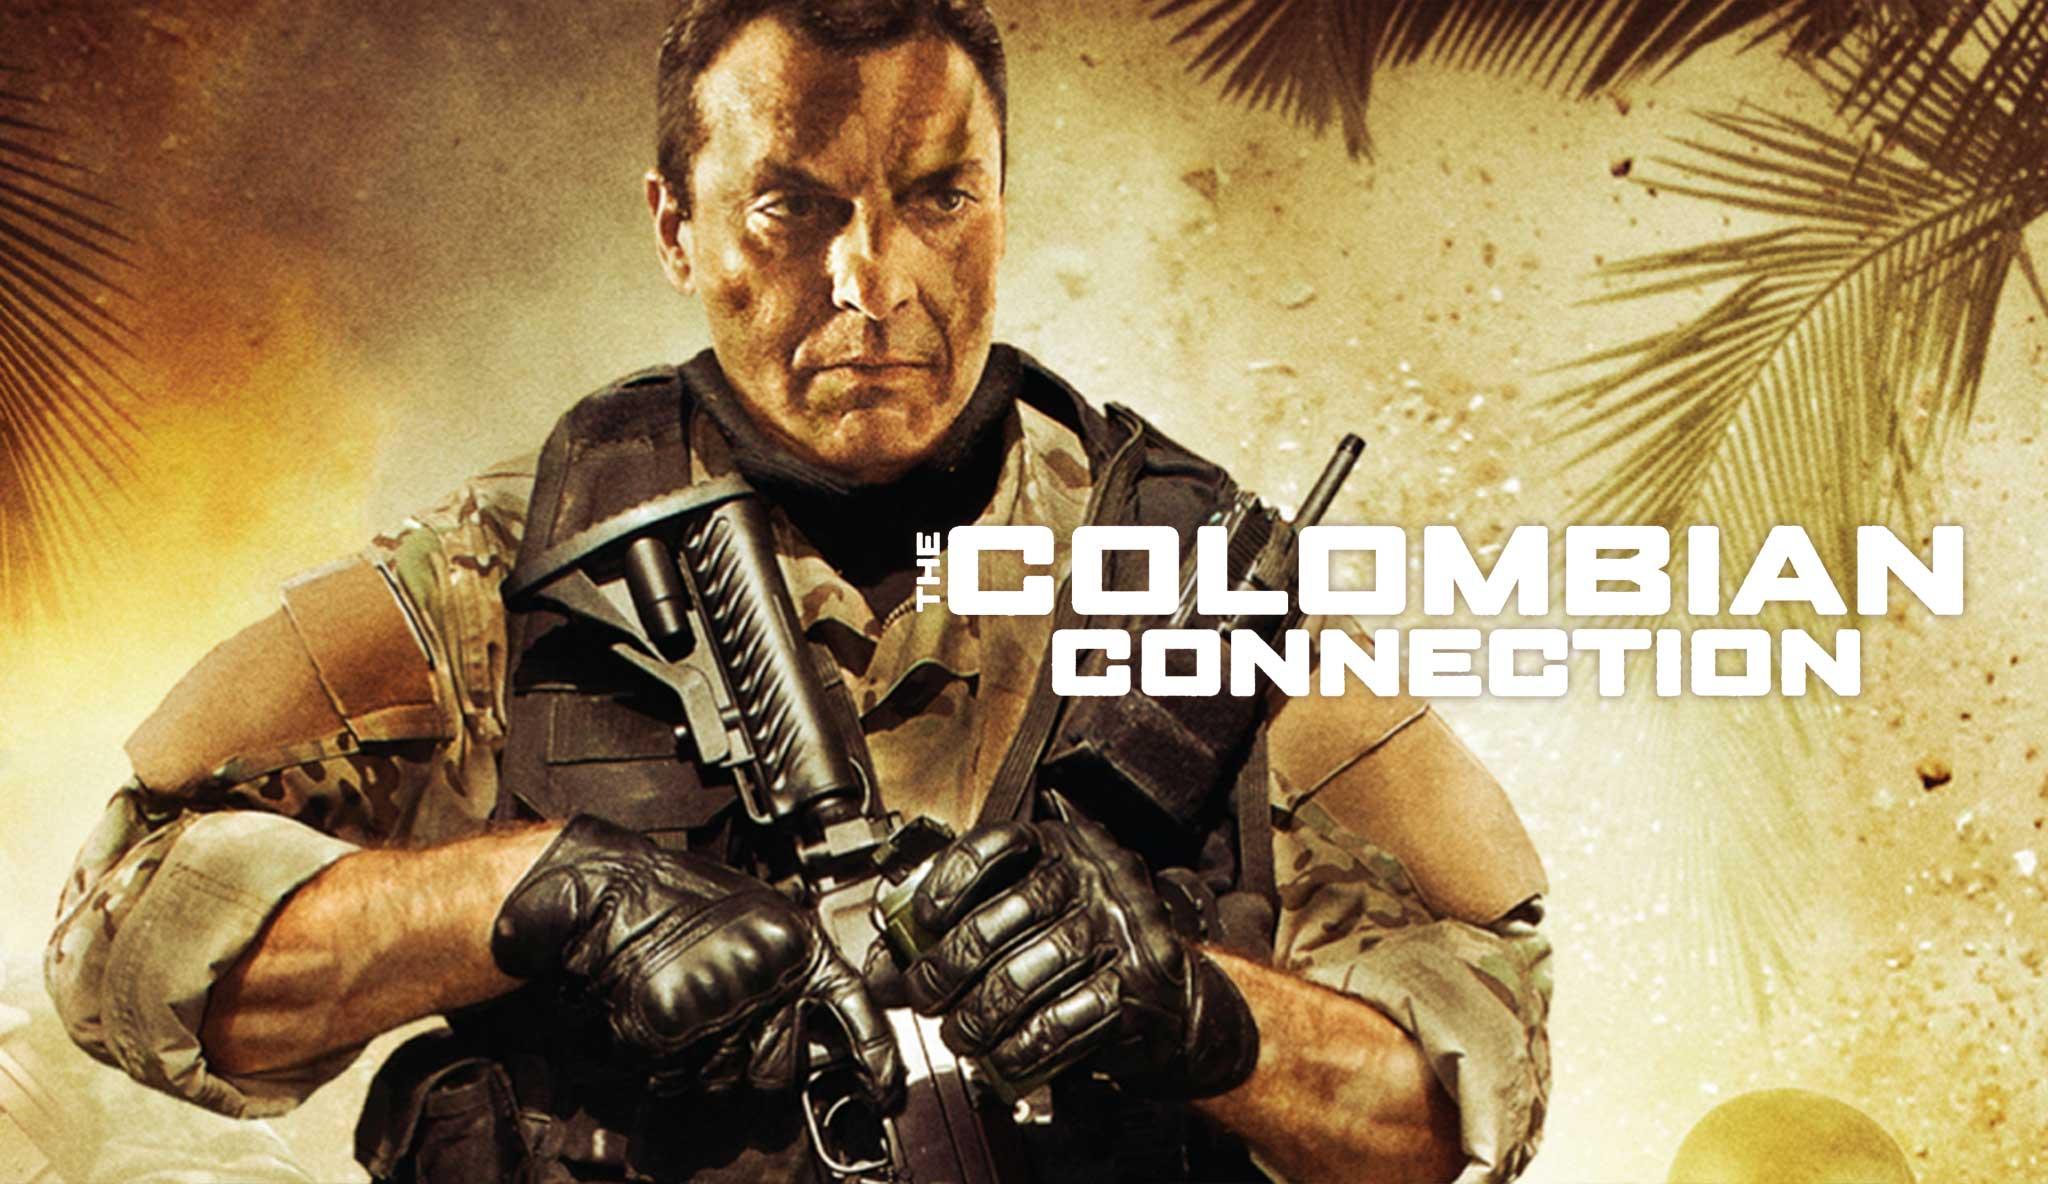 the-colombian-connection-dieser-krieg-wird-personlich\header.jpg